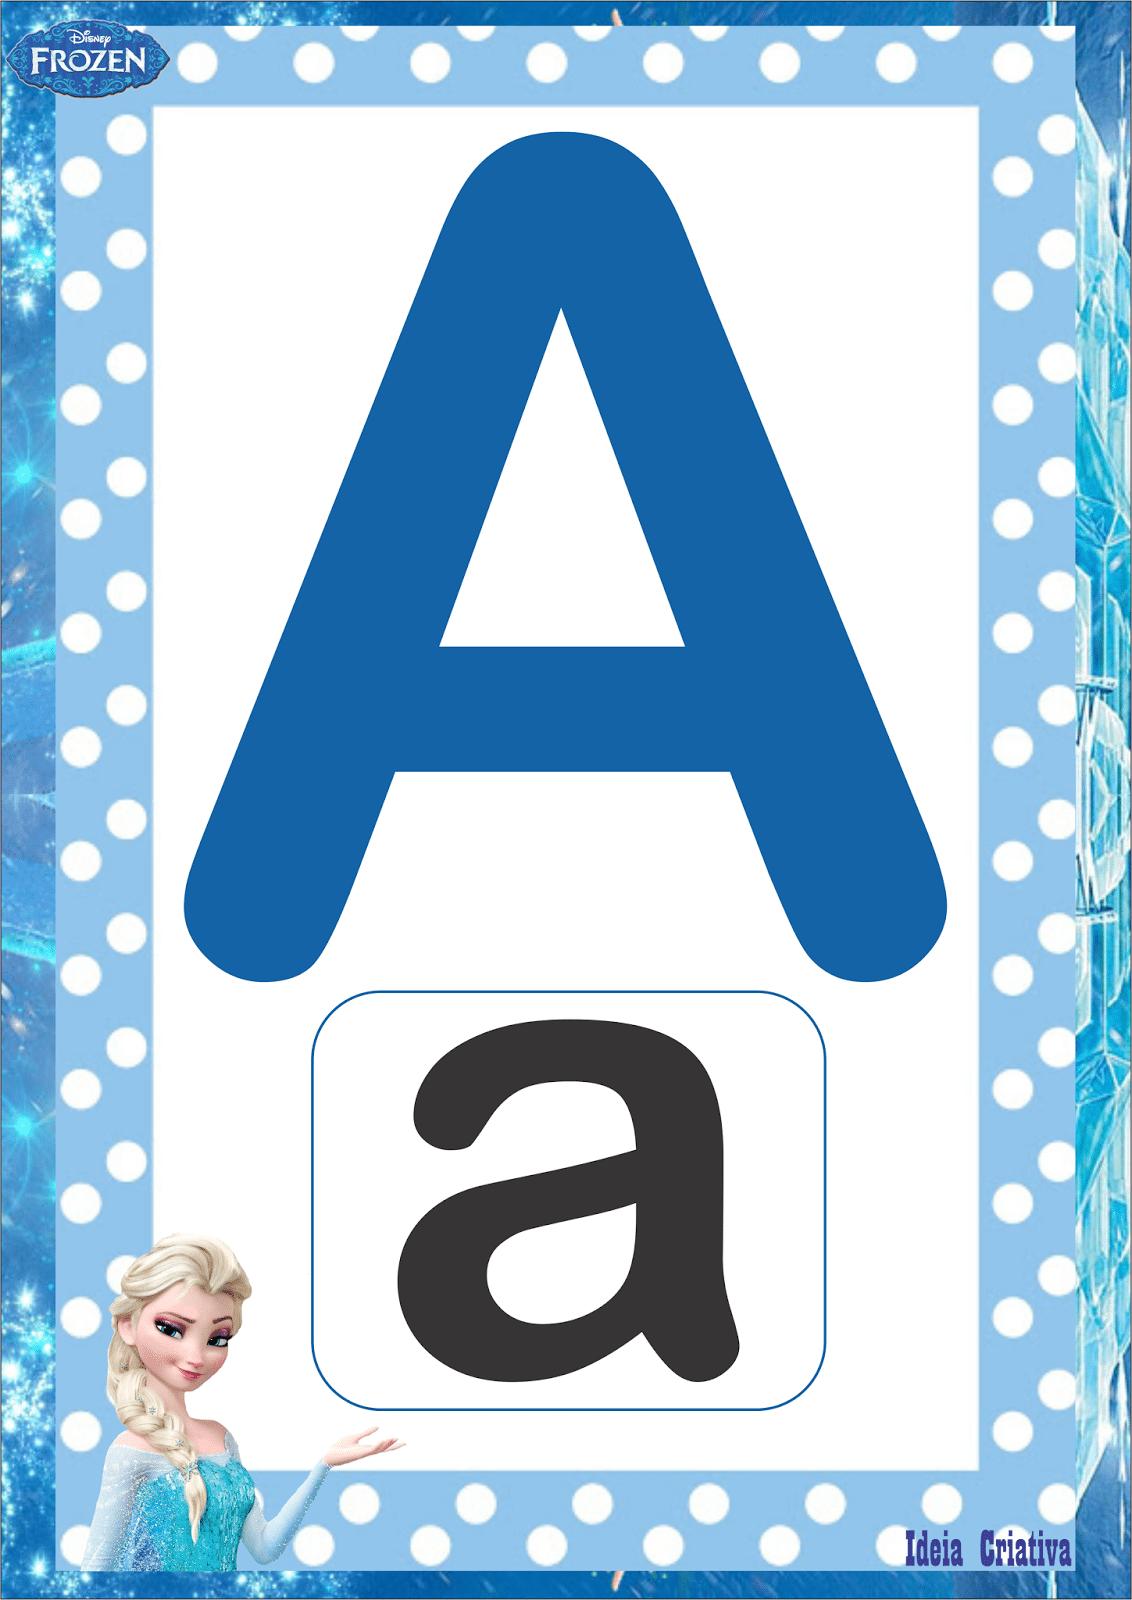 Alfabetos Ideia Criativa  Alfabeto Frozen Sem Figuras Letra Bastão